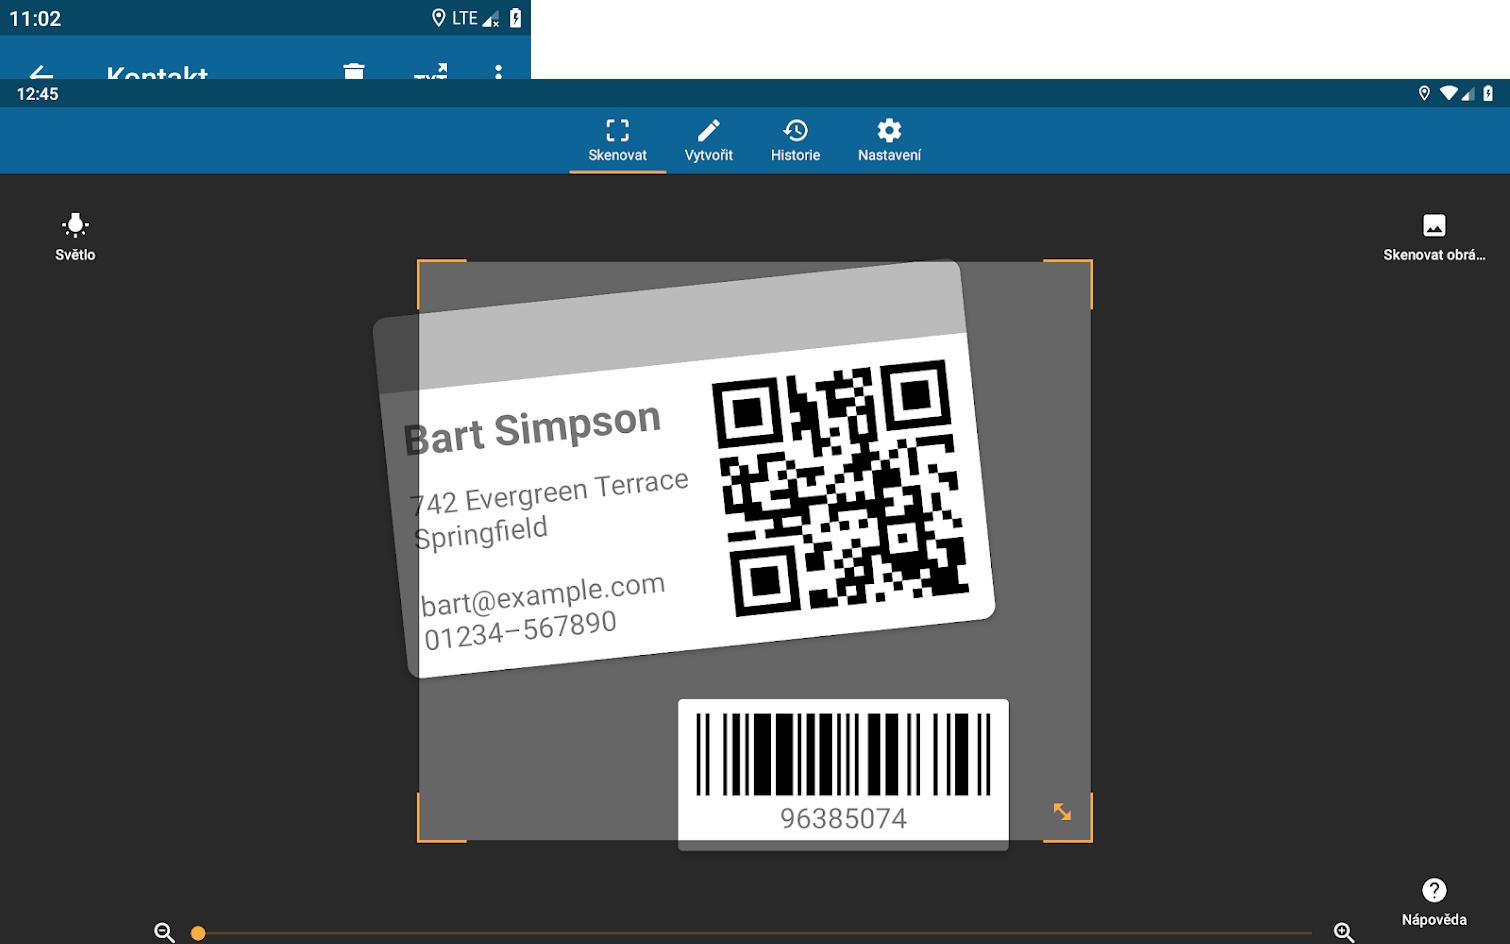 QRbot umožňuje pohodlné sdílení všeho možného pomocí QR kódu. Zbytečně ale též v jedné části zdržuje